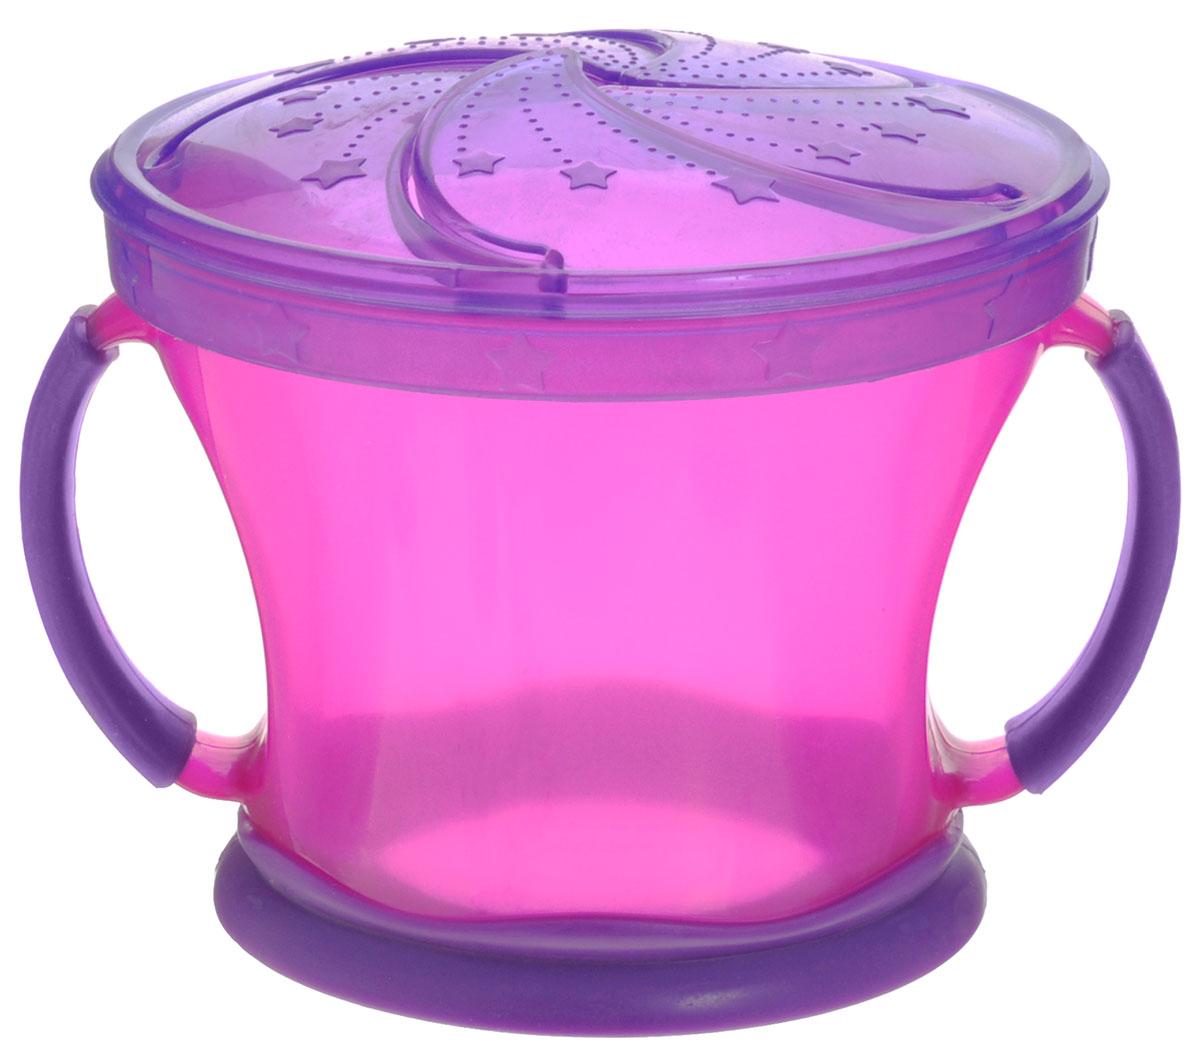 Munchkin Контейнер  Поймай печенье , цвет: малиновый, фиолетовый -  Все для детского кормления